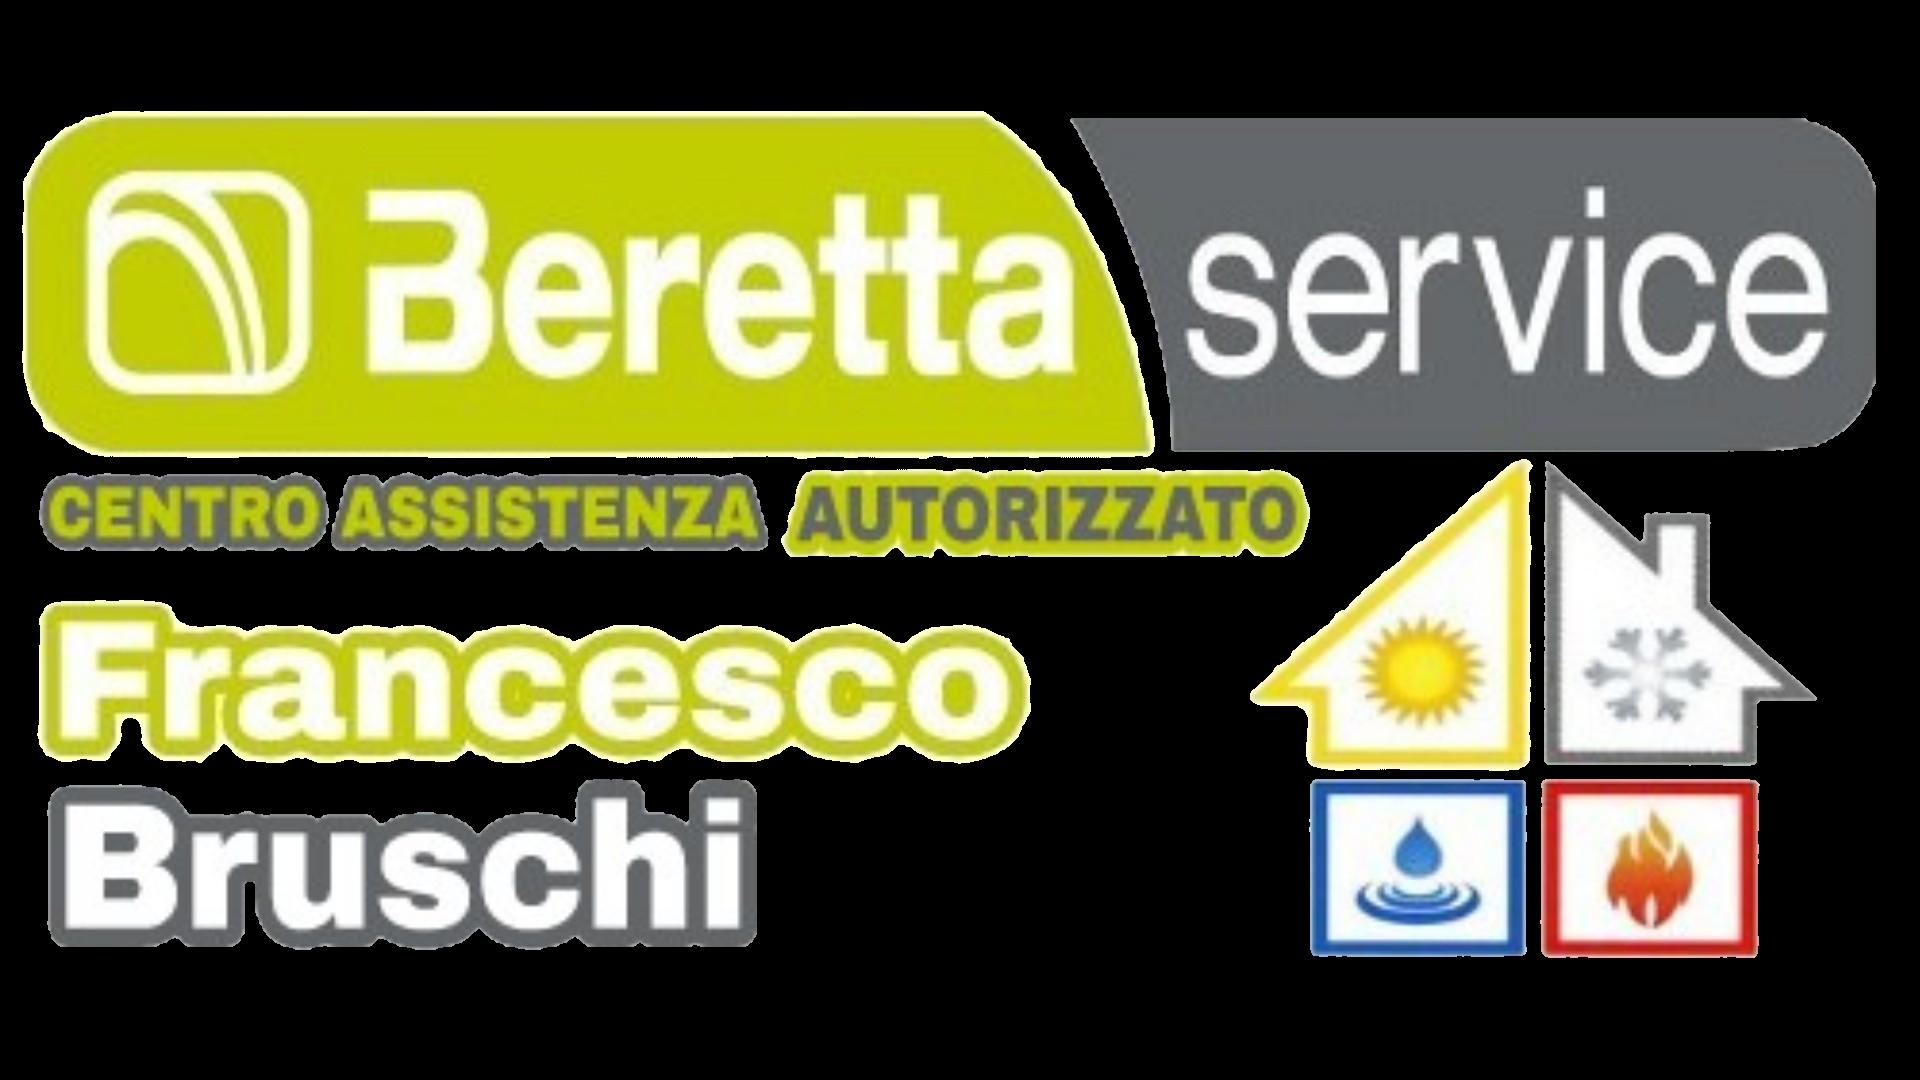 BerettaService.net